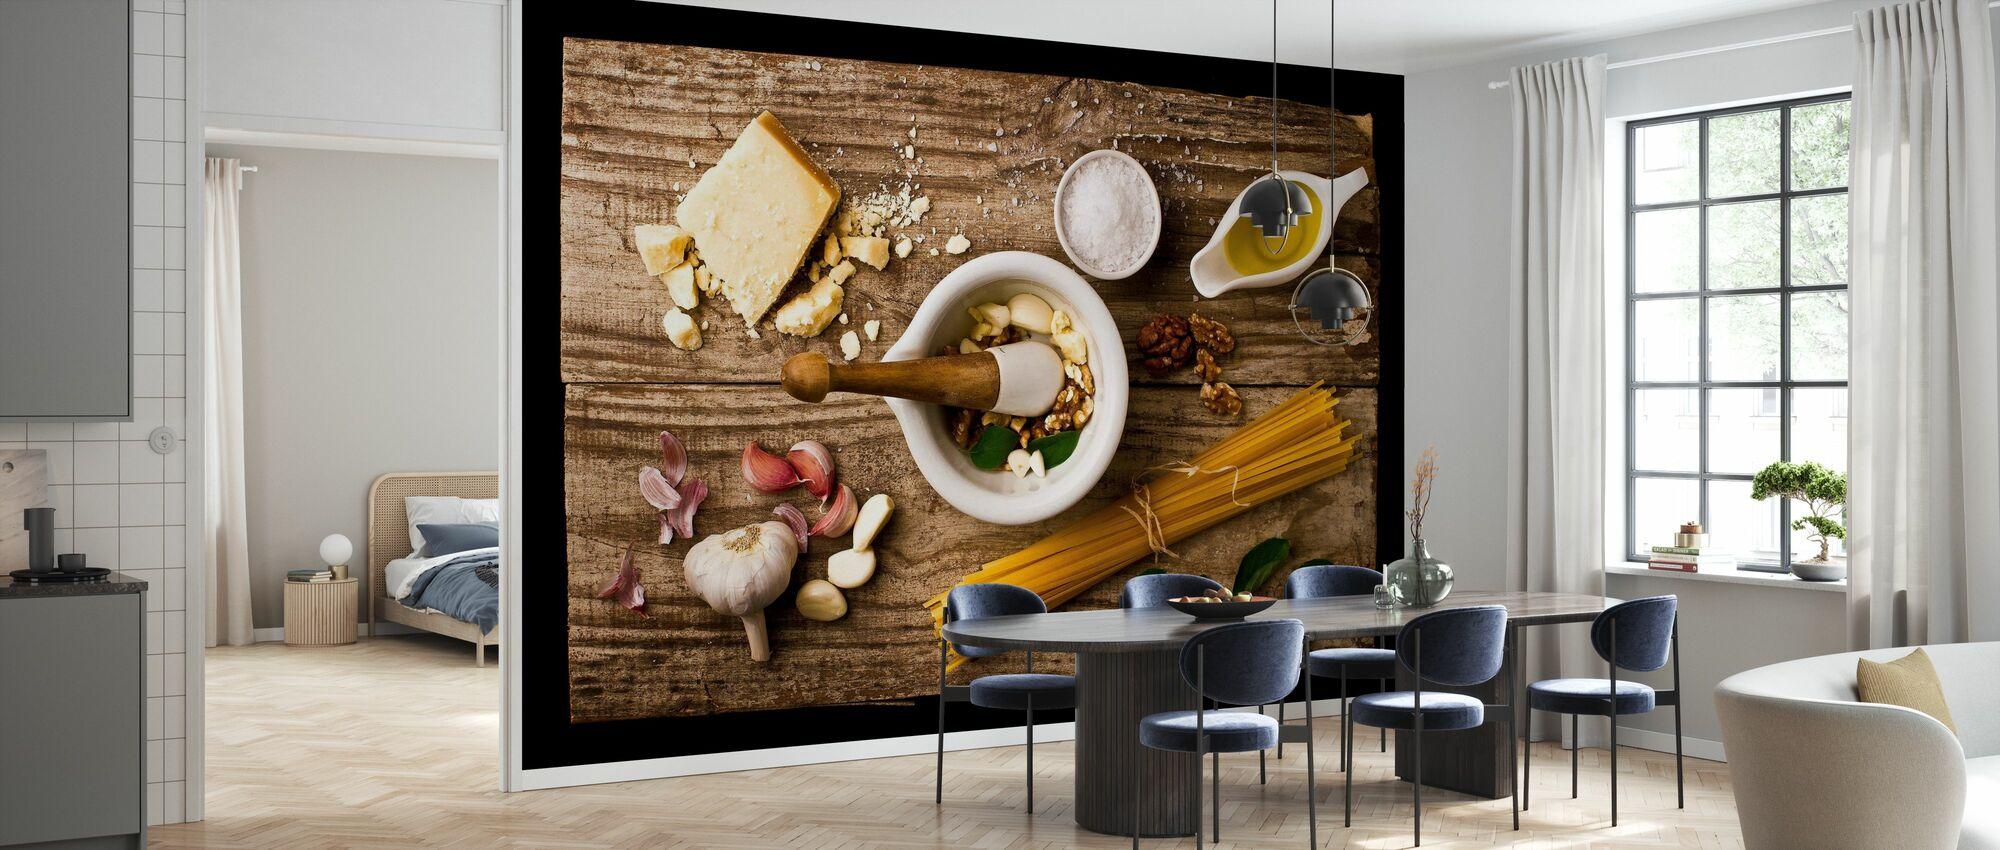 Pesto - Tapete - Küchen